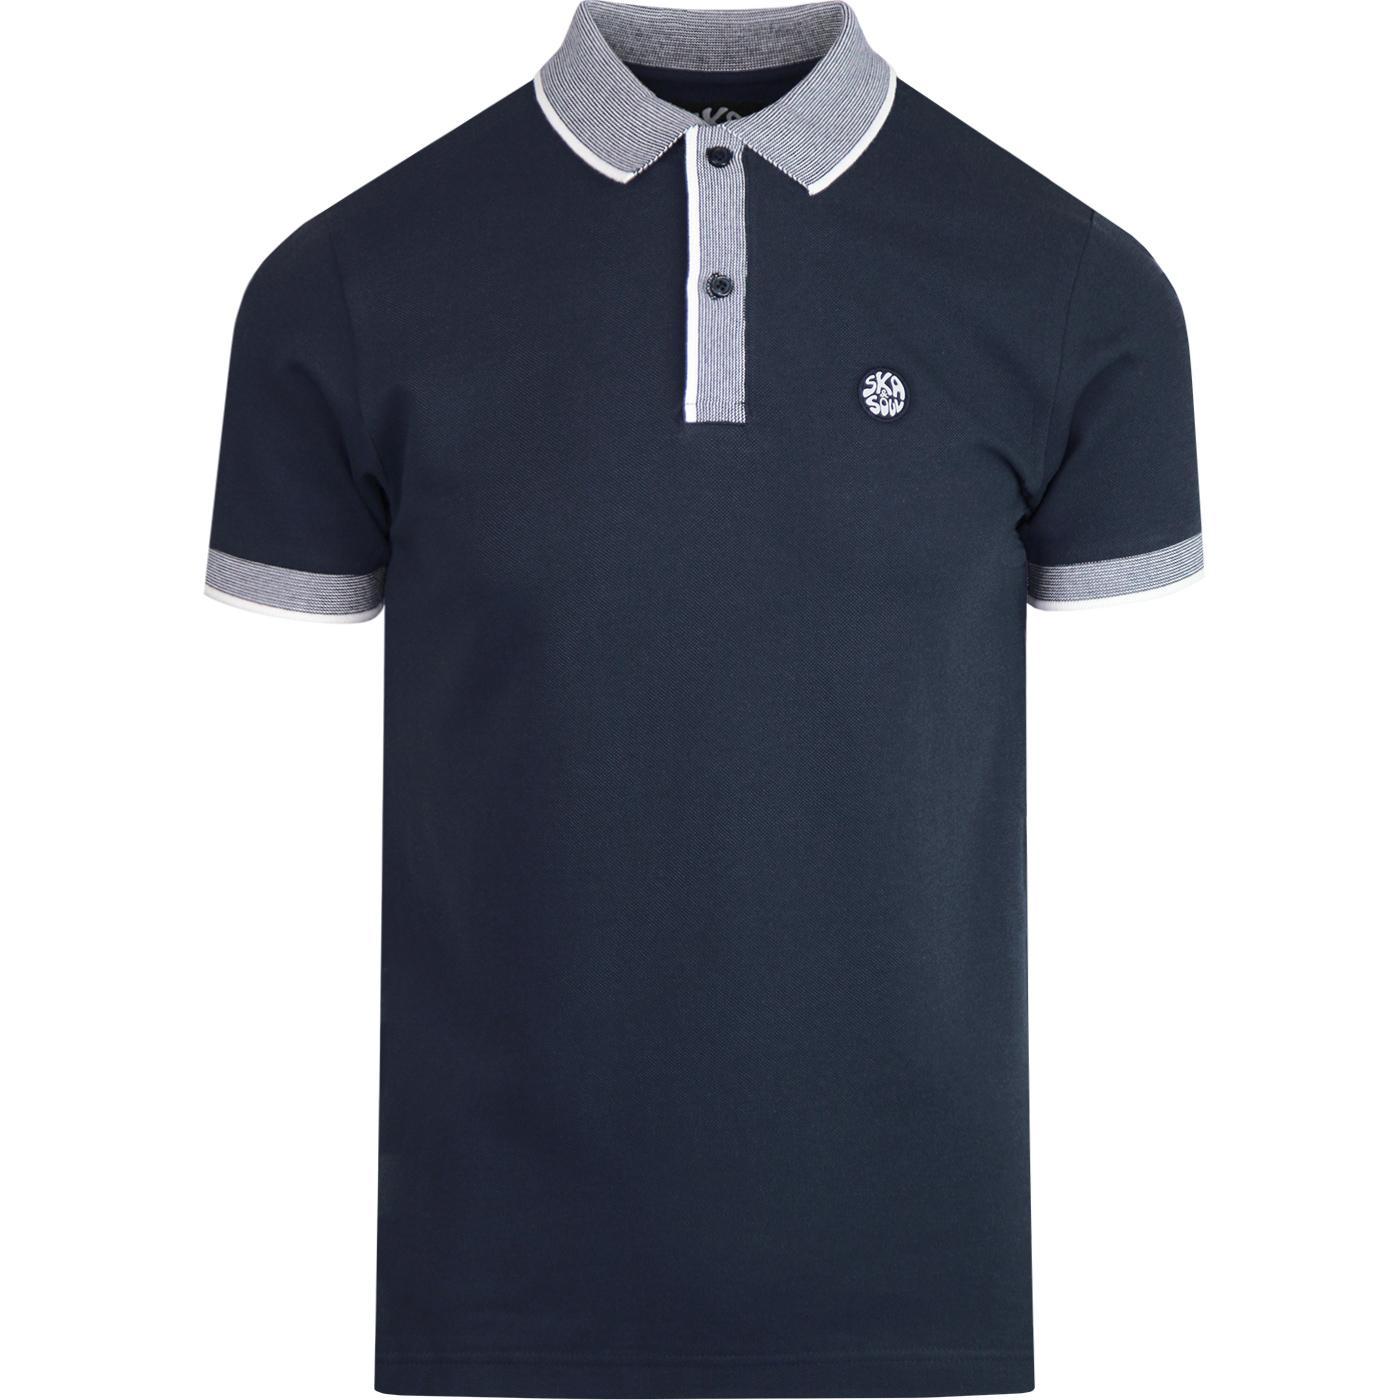 SKA & SOUL Mod Pin Stripe Trim Polo Shirt (Navy)